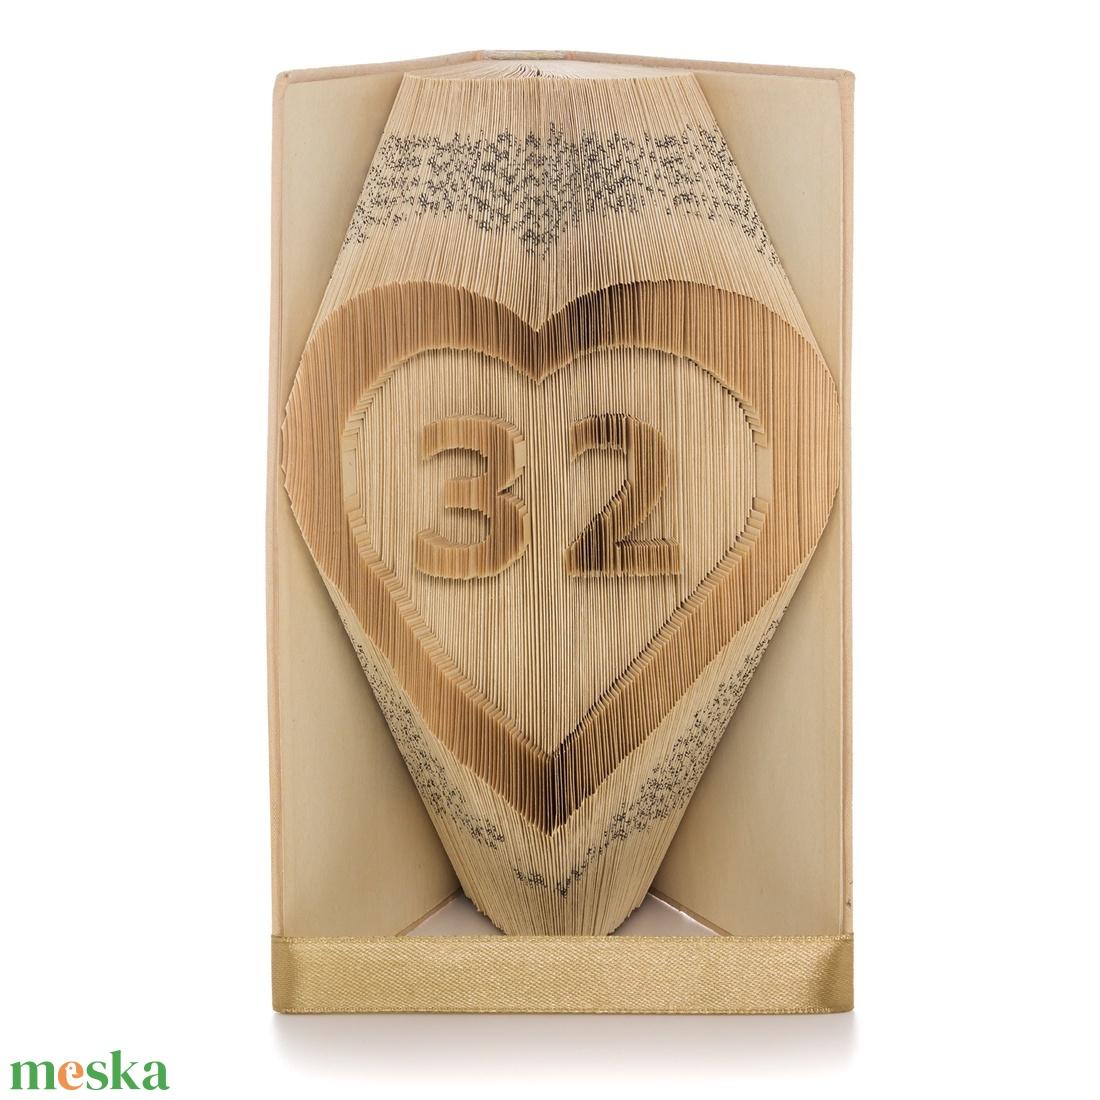 Szívben szám hajtogatott könyvszobor, Könyv origami, Születésnapi ajándék, Évfordulóra (Wolfabric) - Meska.hu